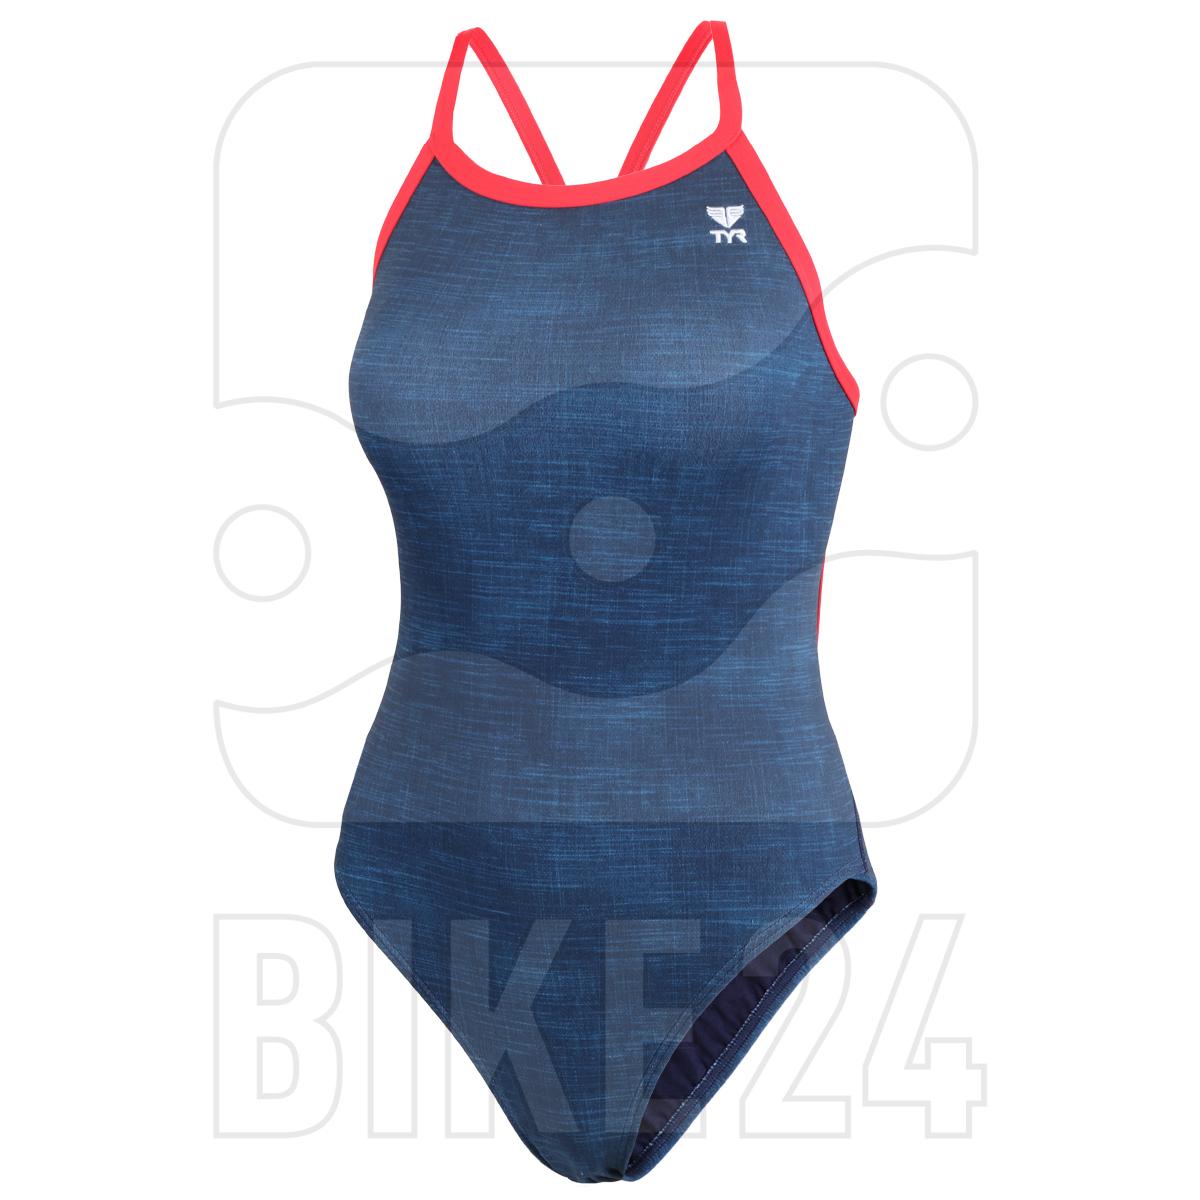 Produktbild von TYR Sandblasted Diamondfit Damen Badeanzug - navy